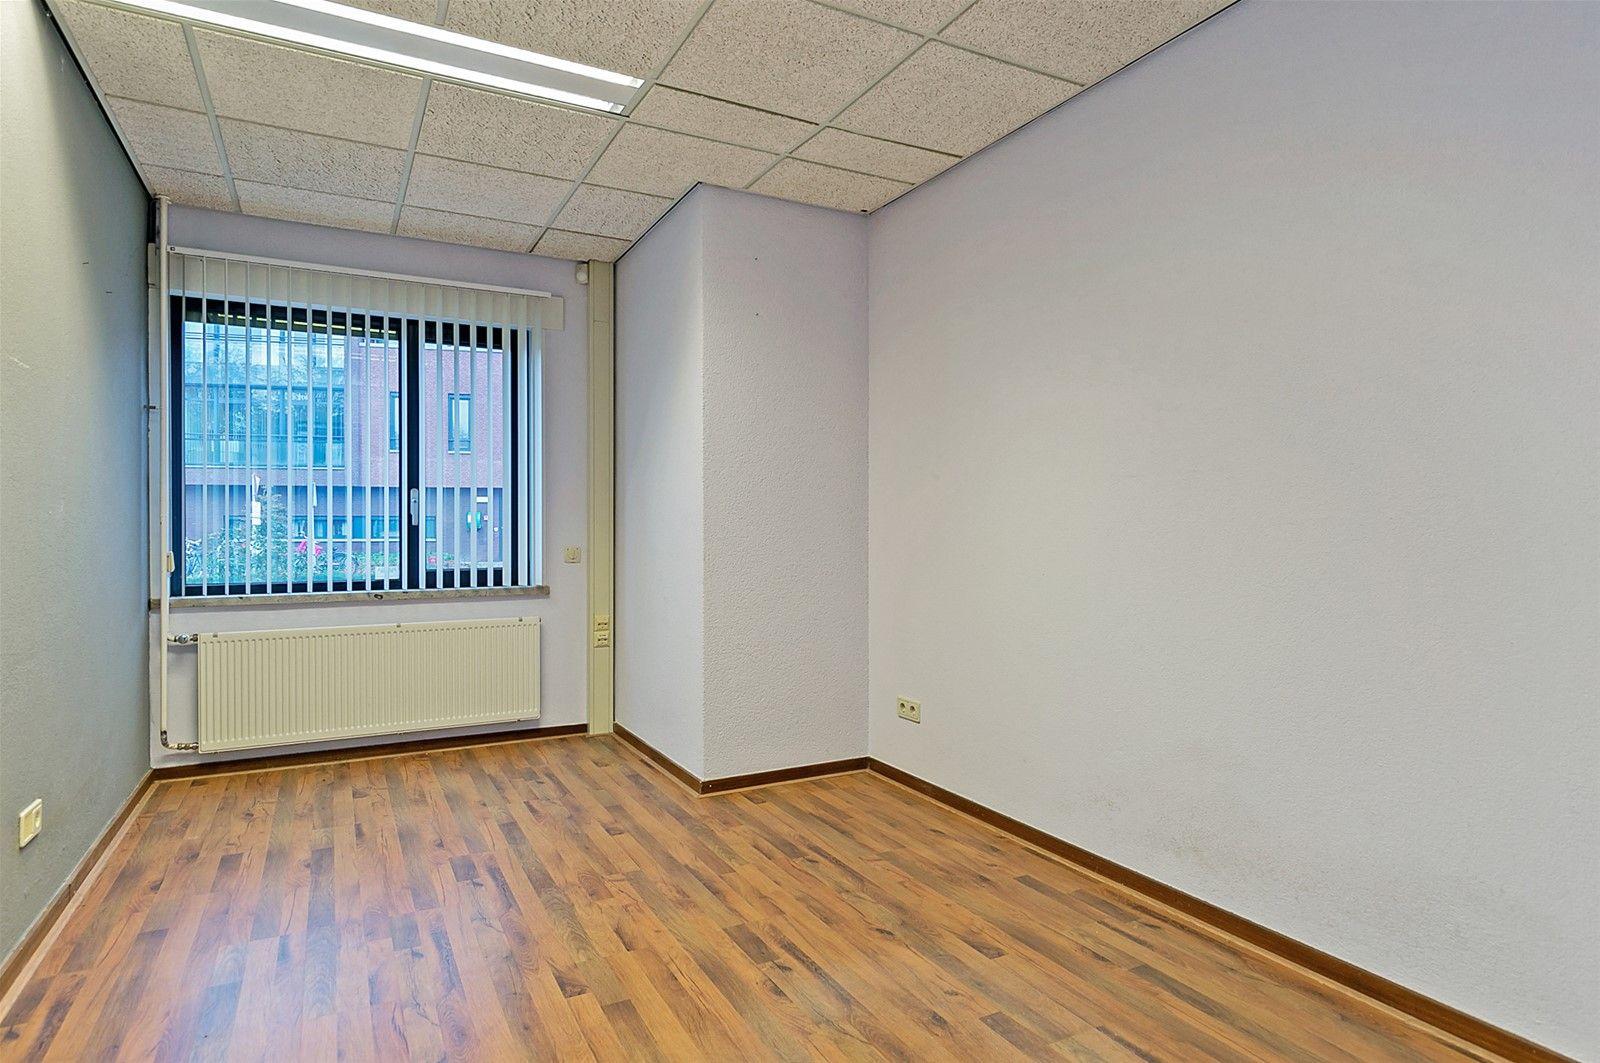 Diverse kantoorruimtes gelegen in een representatief kantoorgebouw in het centrum van Zundert. Het pand heeft een spouwmuur, platdak en verwarming geschiedt via een cv-combiketel. Verder is het pand voorzien van dubbele beglazing in kunststof kozijnen. Parkeergelegenheid wordt geboden op een grote parkeerplaats binnen 100 meter afstand. Daarnaast heeft het pand eigen parkeerplaatsen. Dit bedrijfsverzamelgebouw is gelegen in de hoofdstraat van Zundert. Het betreft een locatie met een goede bereikbaarheid mede door de nabijheid van uitvalswegen richting A16 en A58. Op bijgevoegde plattegrond is aangeduid welke kantoorruimtes beschikbaar zijn.  INDELING BEGANE GROND Ruimte 2-  Bruto vloeroppervlakte- 12m² Ruimte 3- Bruto vloeroppervlakte- 21 m²  INDELING VERDIEPING Ruimte 7- Bruto vloeroppervlakte- 35 m²